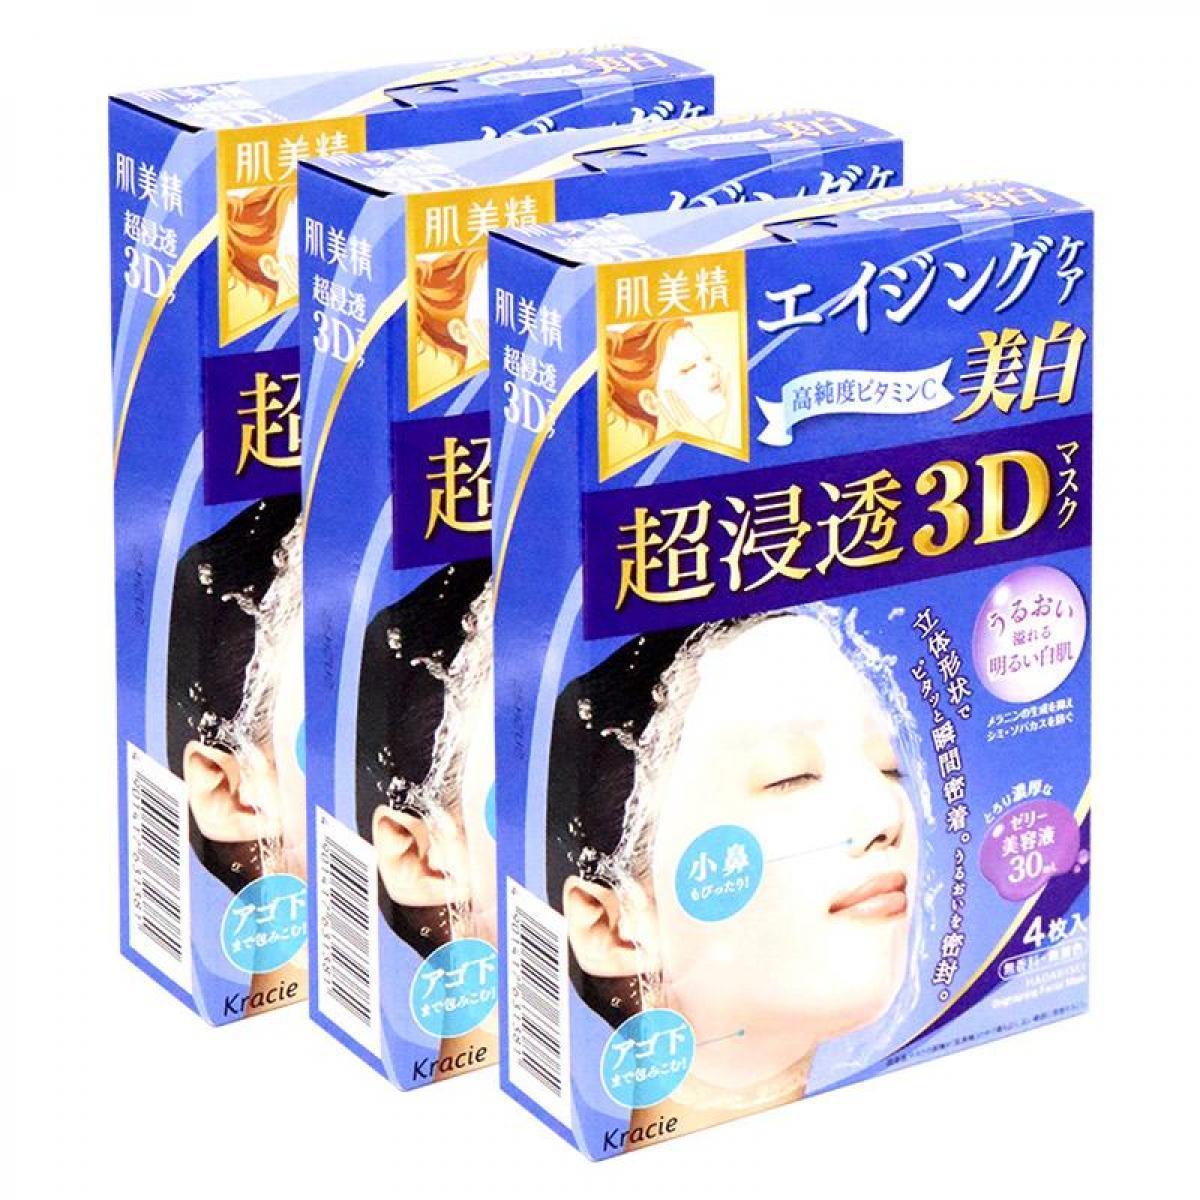 【3盒裝】Kracie肌美精超滲透3D面膜(深層抗皺美白)4片